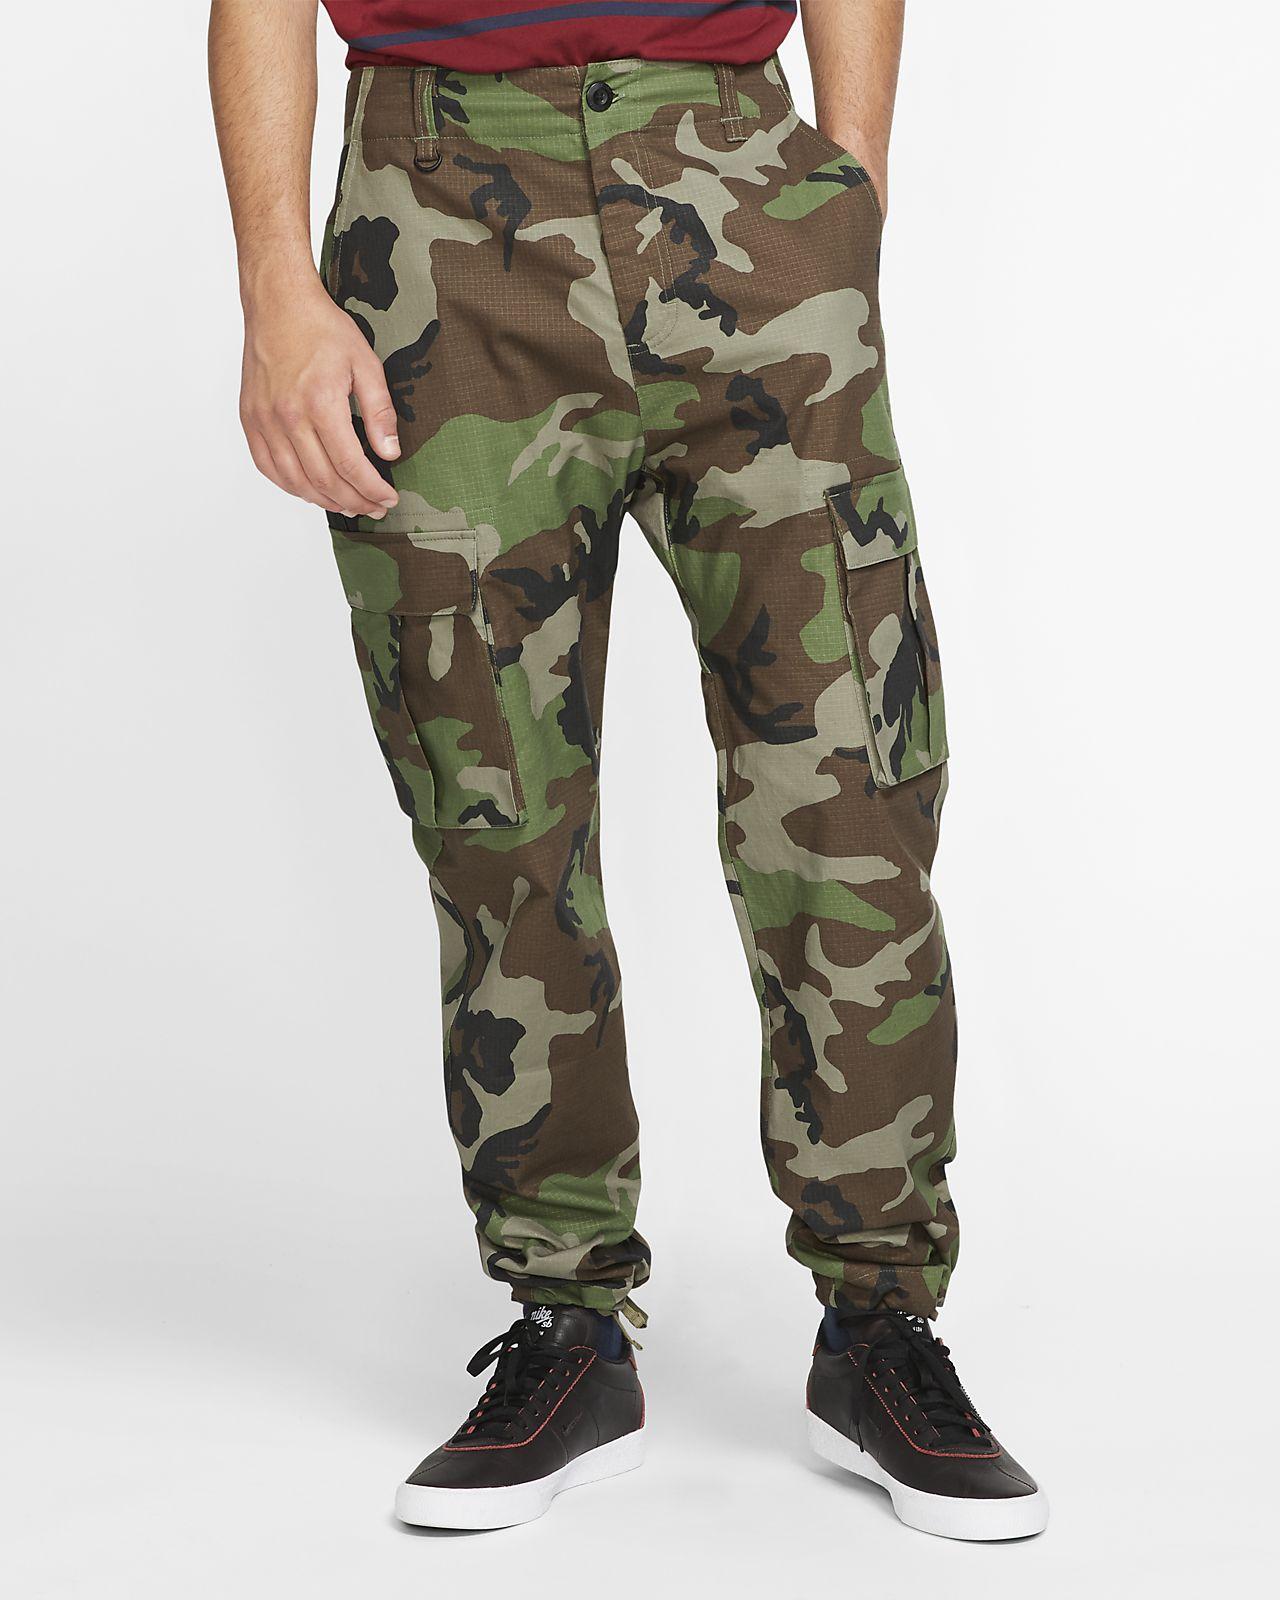 Мужские брюки карго с камуфляжем для скейтбординга Nike SB Flex FTM